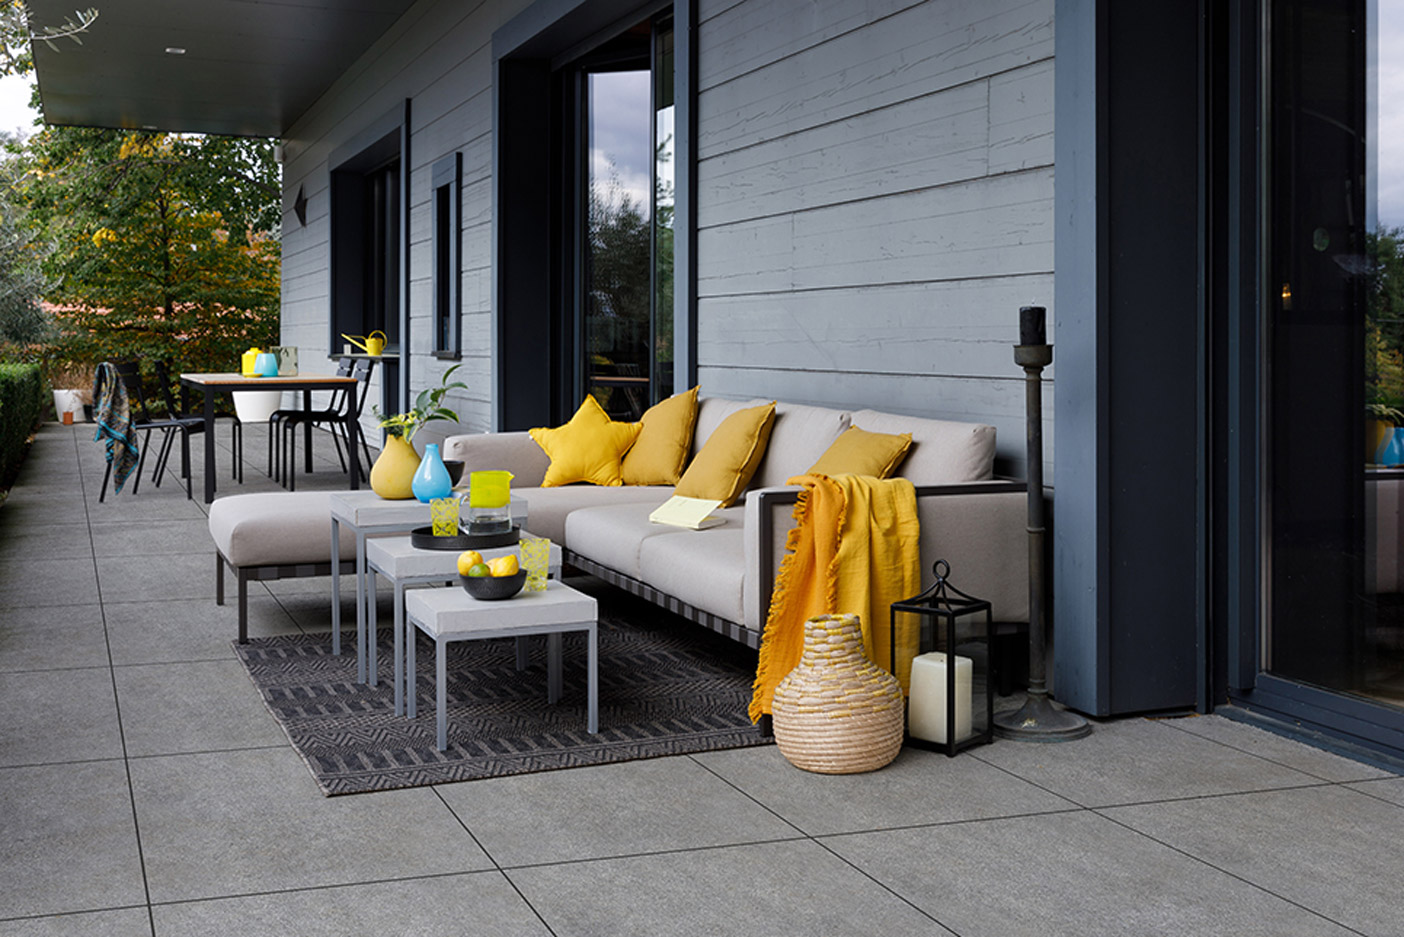 Terraza con baldosas de gres porcel nico daniel moquet - Baldosas para terrazas ...